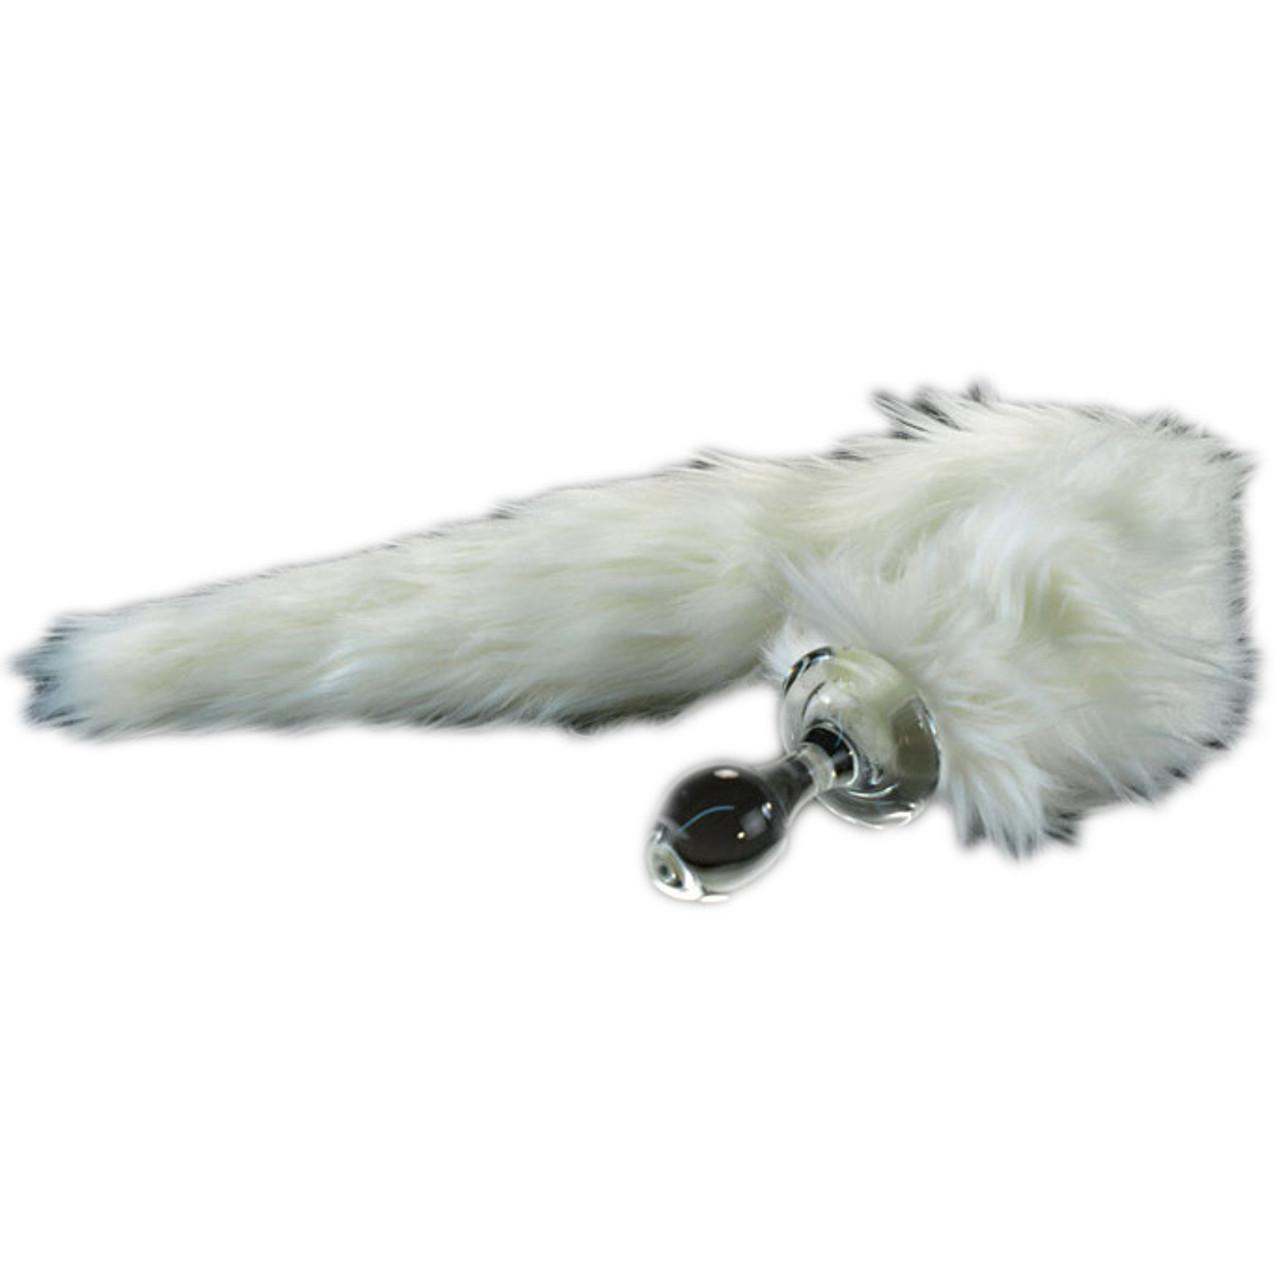 cbbc291e872 Crystal Delights Minx Glass Butt Plug Faux Fur Tail White Fox ...